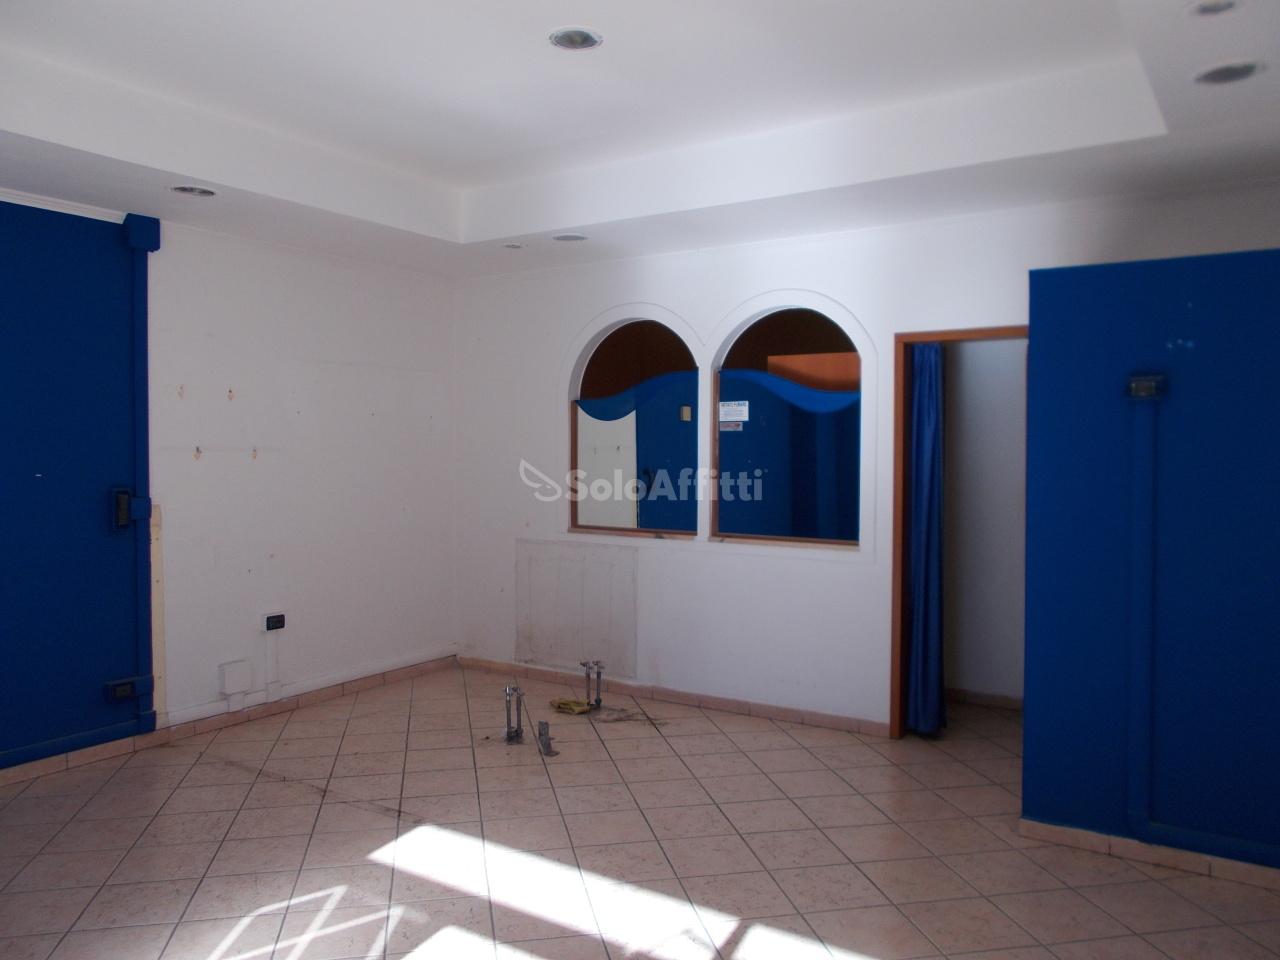 Fondo/negozio - 1 vetrina/luce a Centocelle-Alessandrino , Roma Rif. 11983355